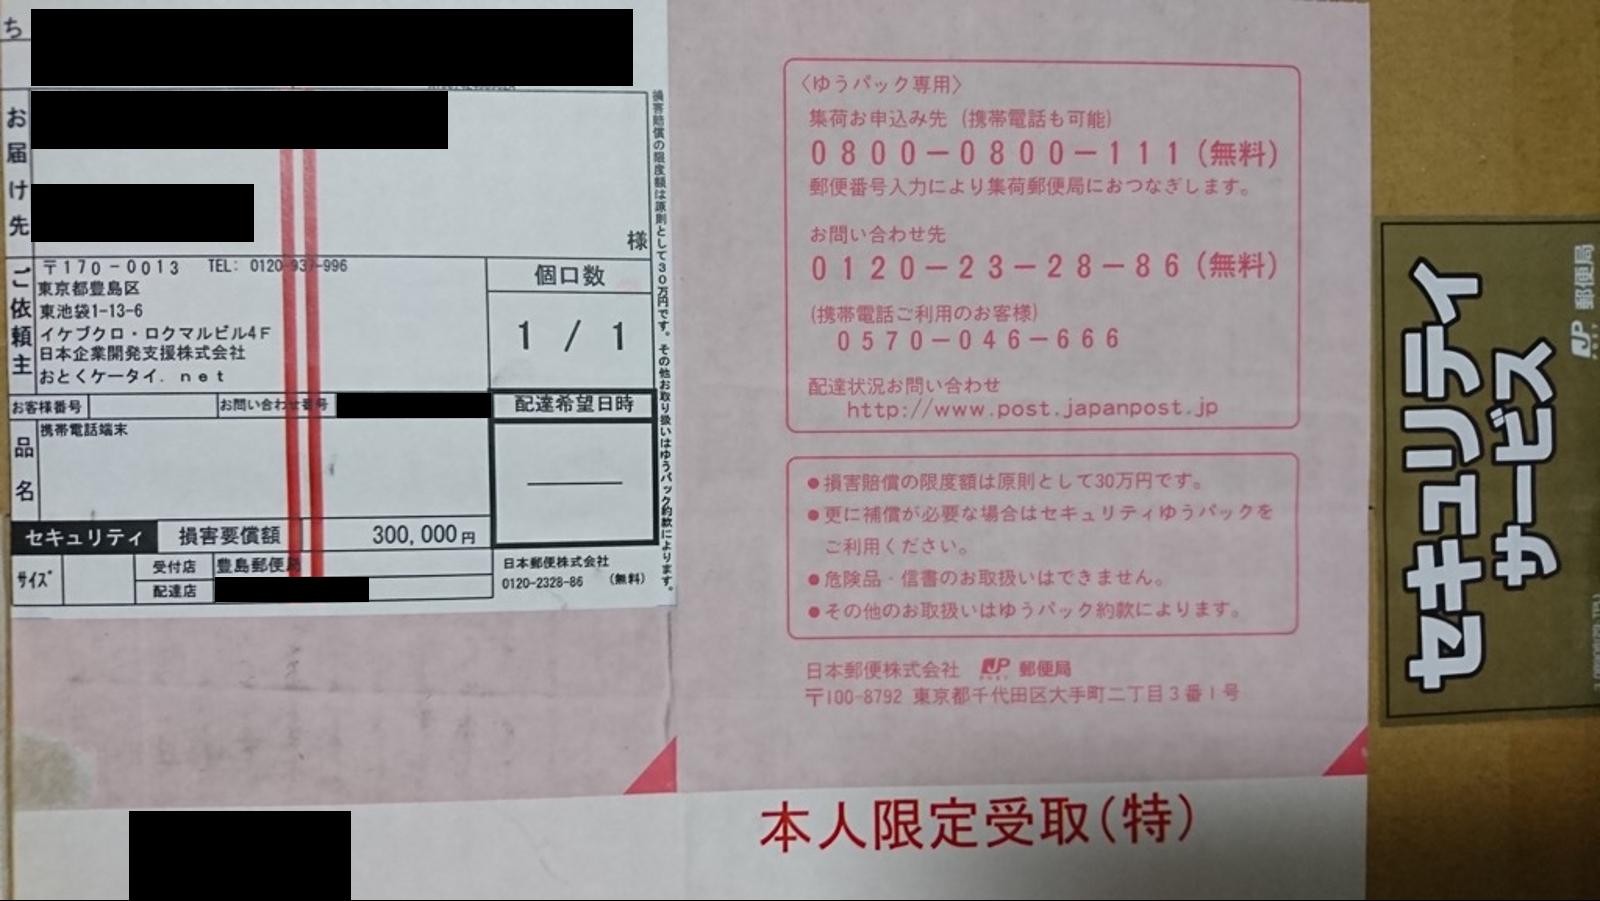 「おとくケータイ.net」(日本企業開発支援株式会社)から届いた2度目の箱